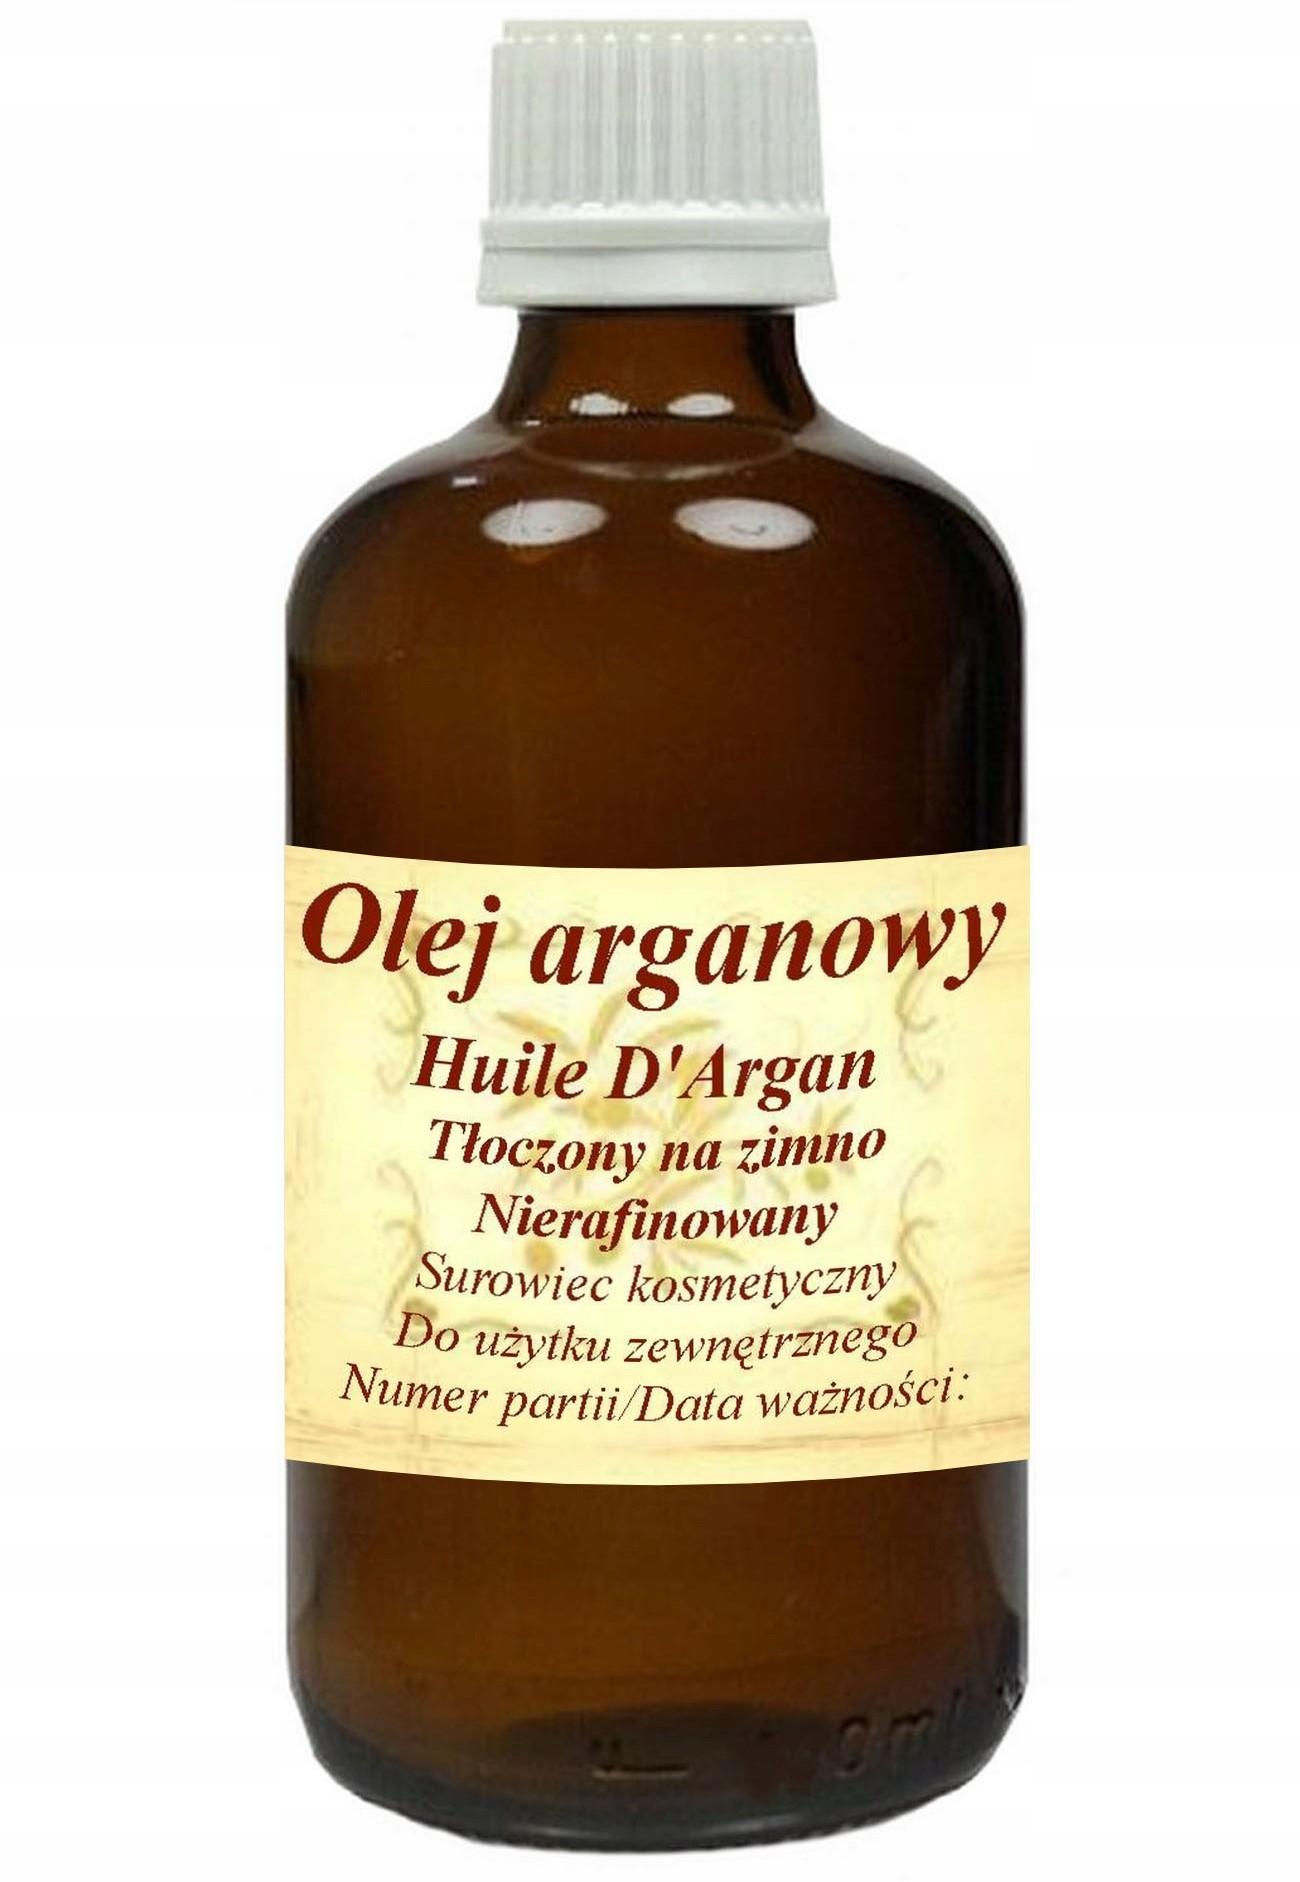 Olej Arganowy 200ml - zimnotłoczony, nierafinowany